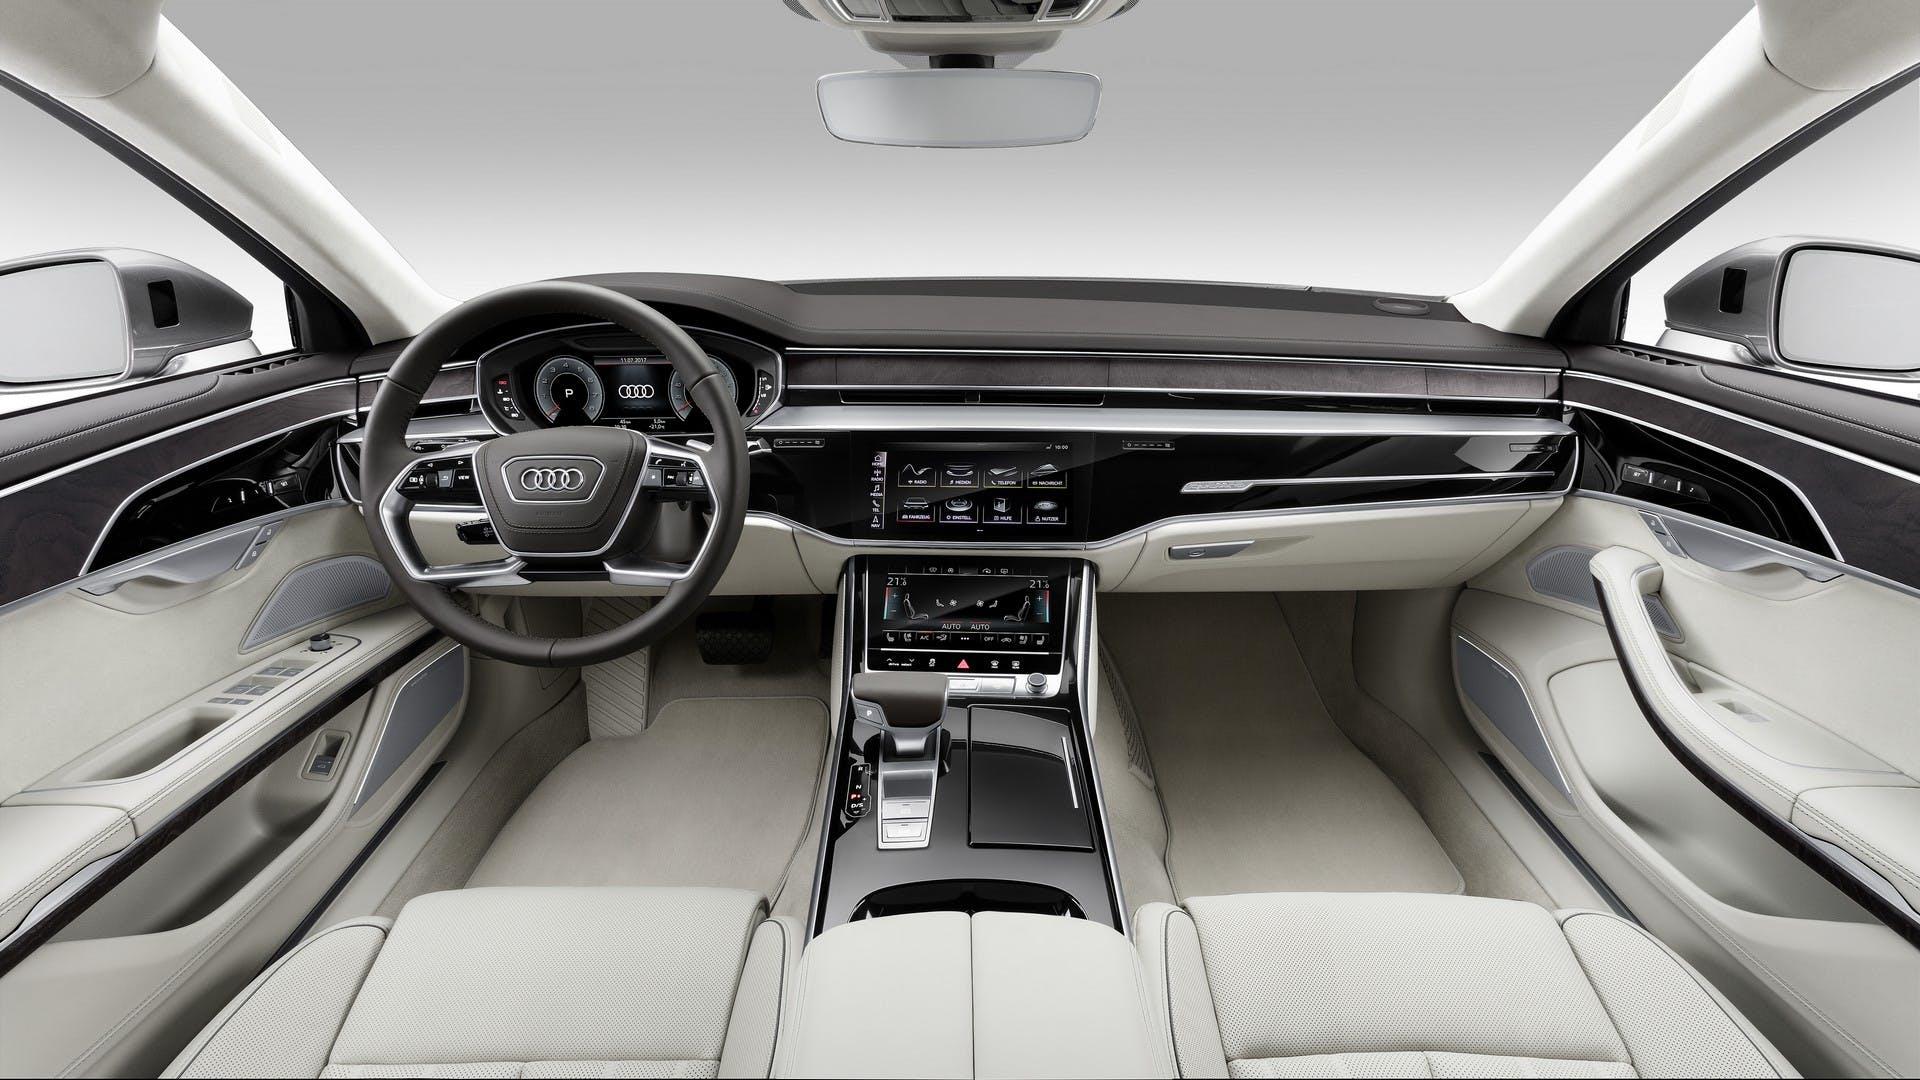 Audi A8 L interni